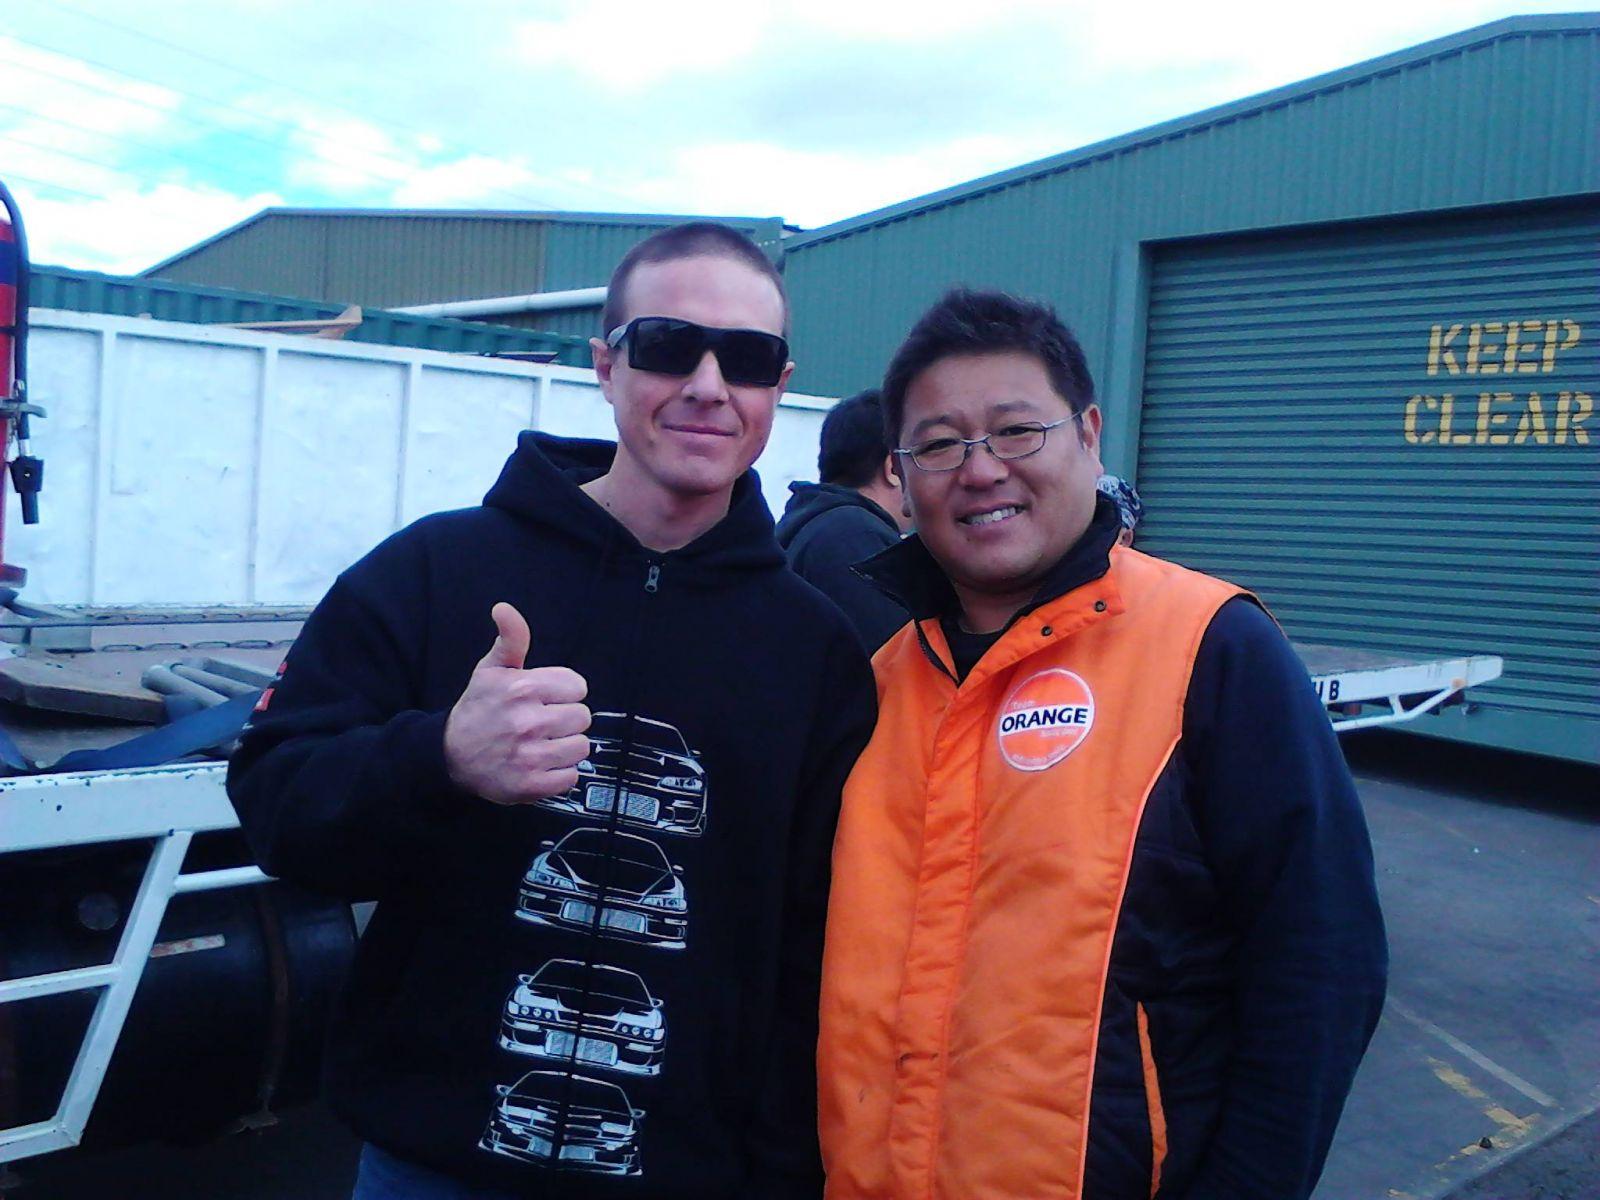 Me And Kumakubo 2012